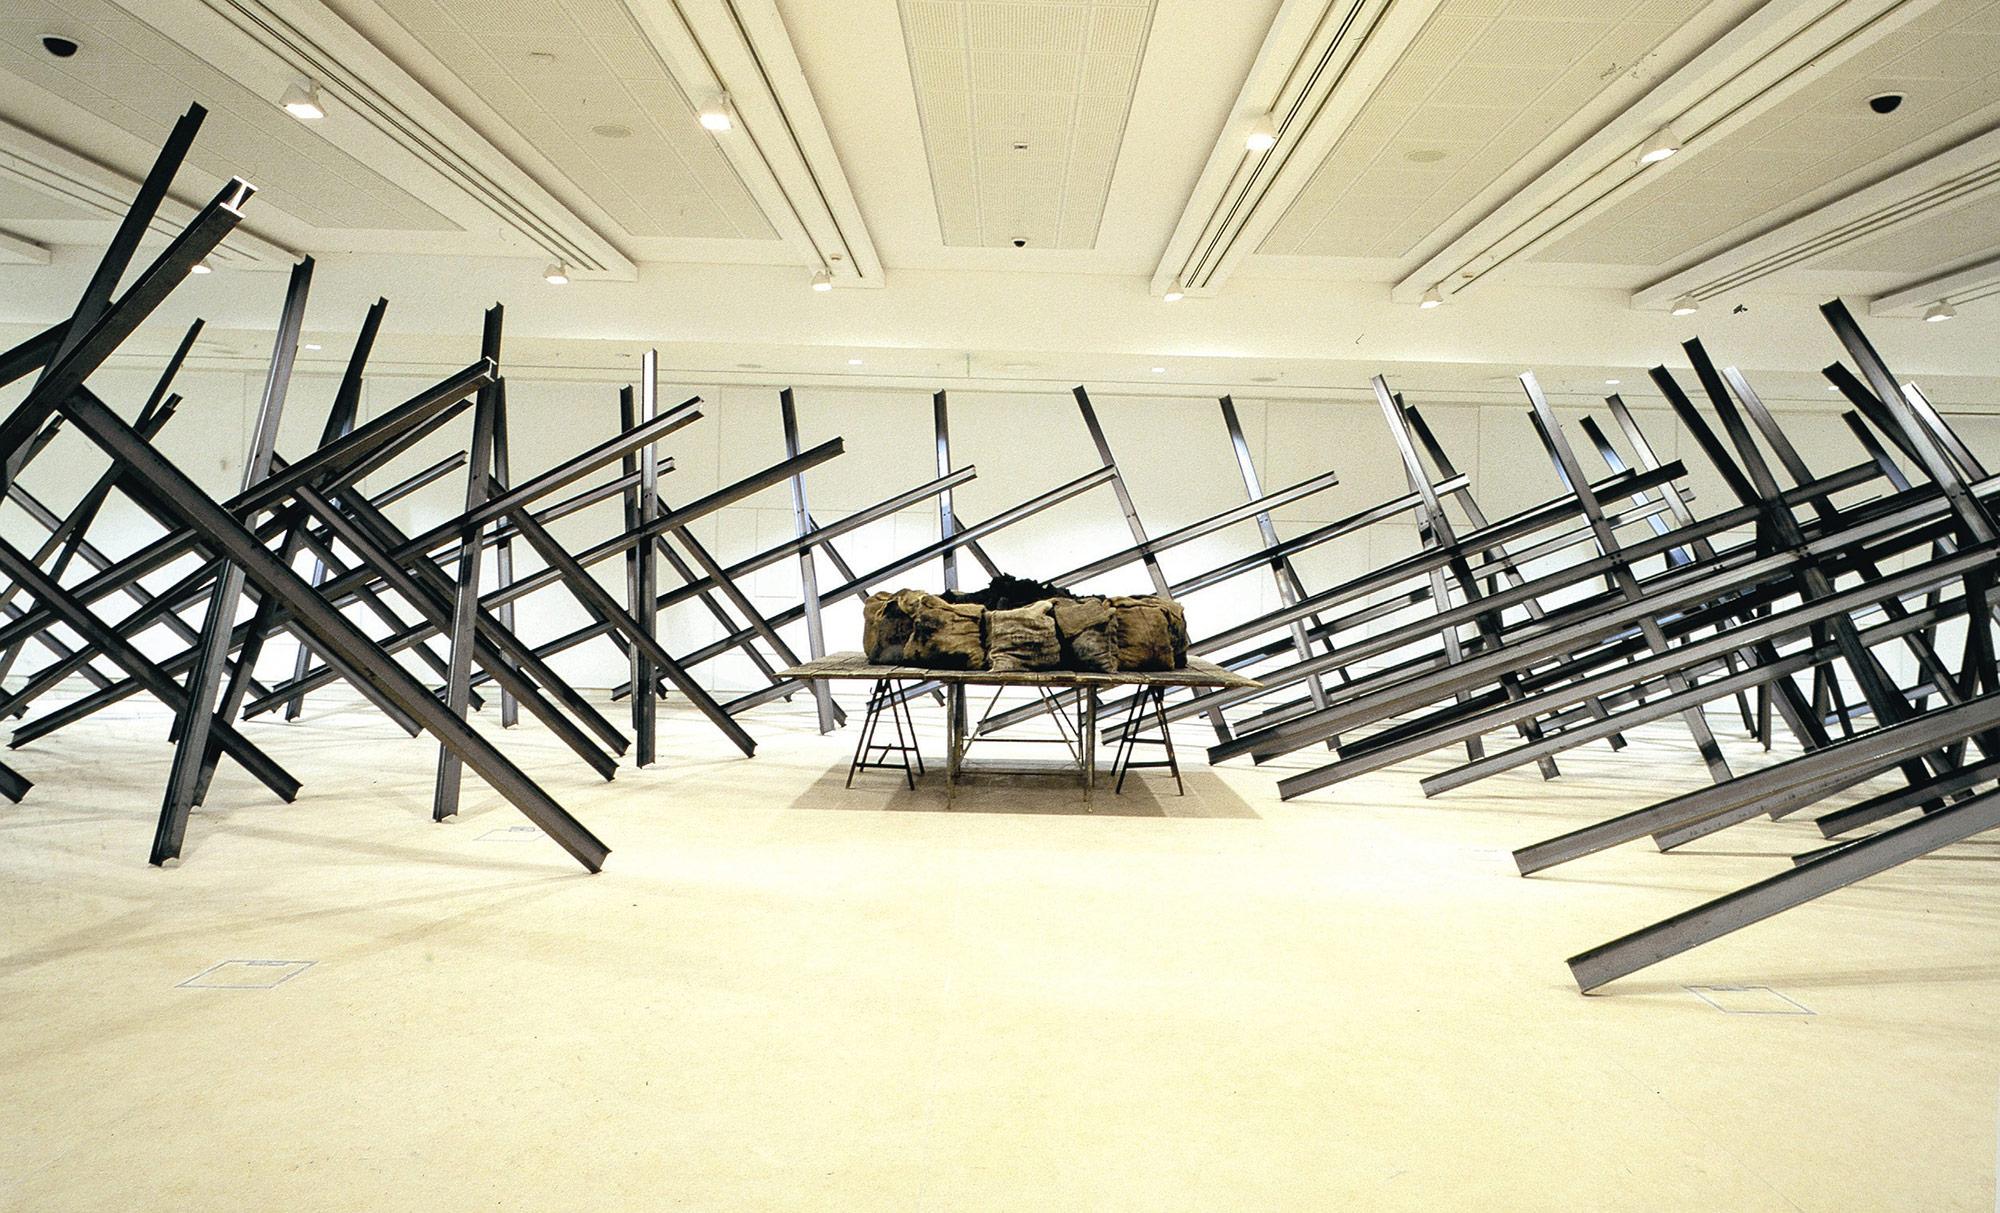 Εθνικό Μουσείο Σύγχρονης Τέχνης (ΕΜΣΤ) - Κουνέλης